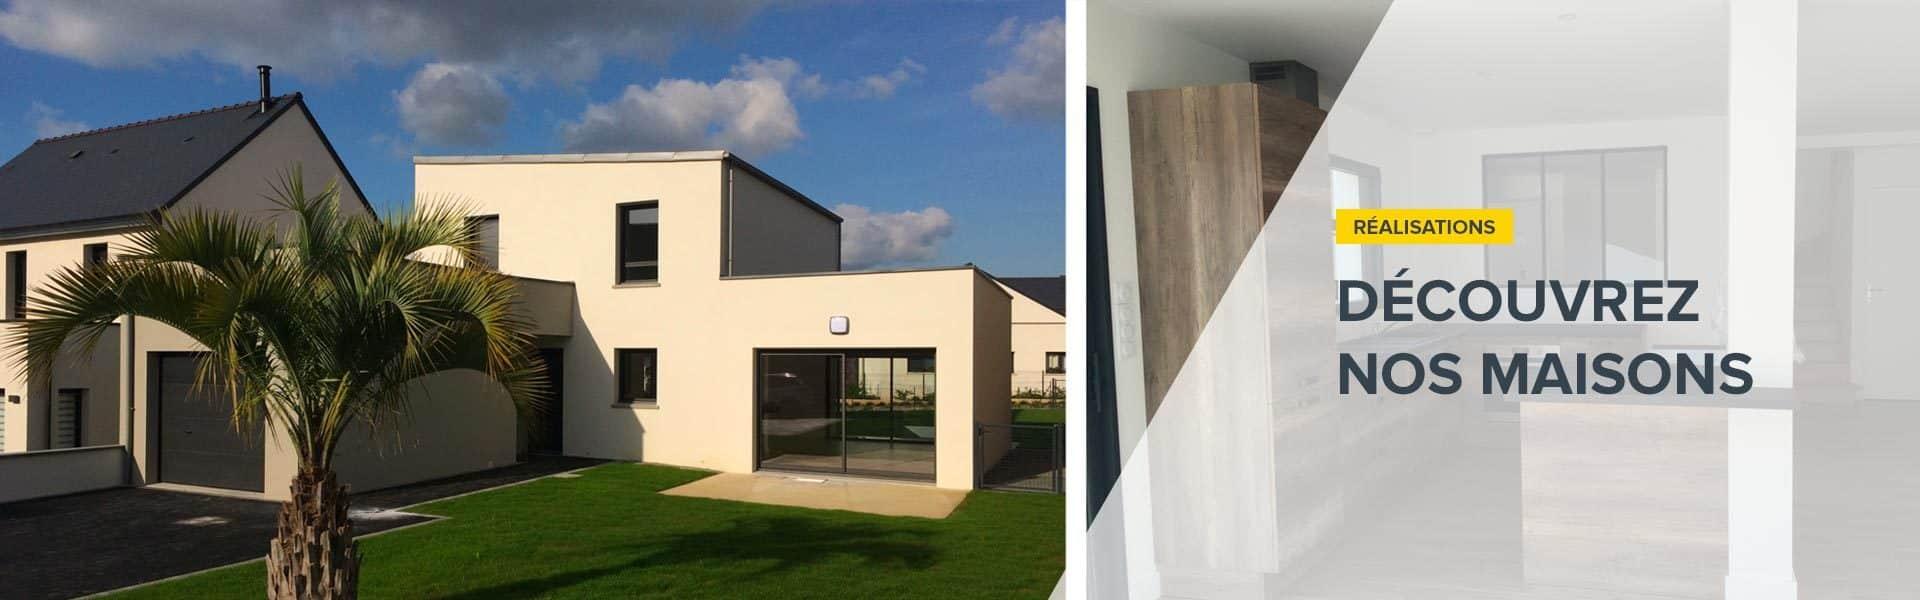 Constructeur Maison Neuve Ille Et Vilaine constructeur maison rennes, ille et vilaine (35) : maisons